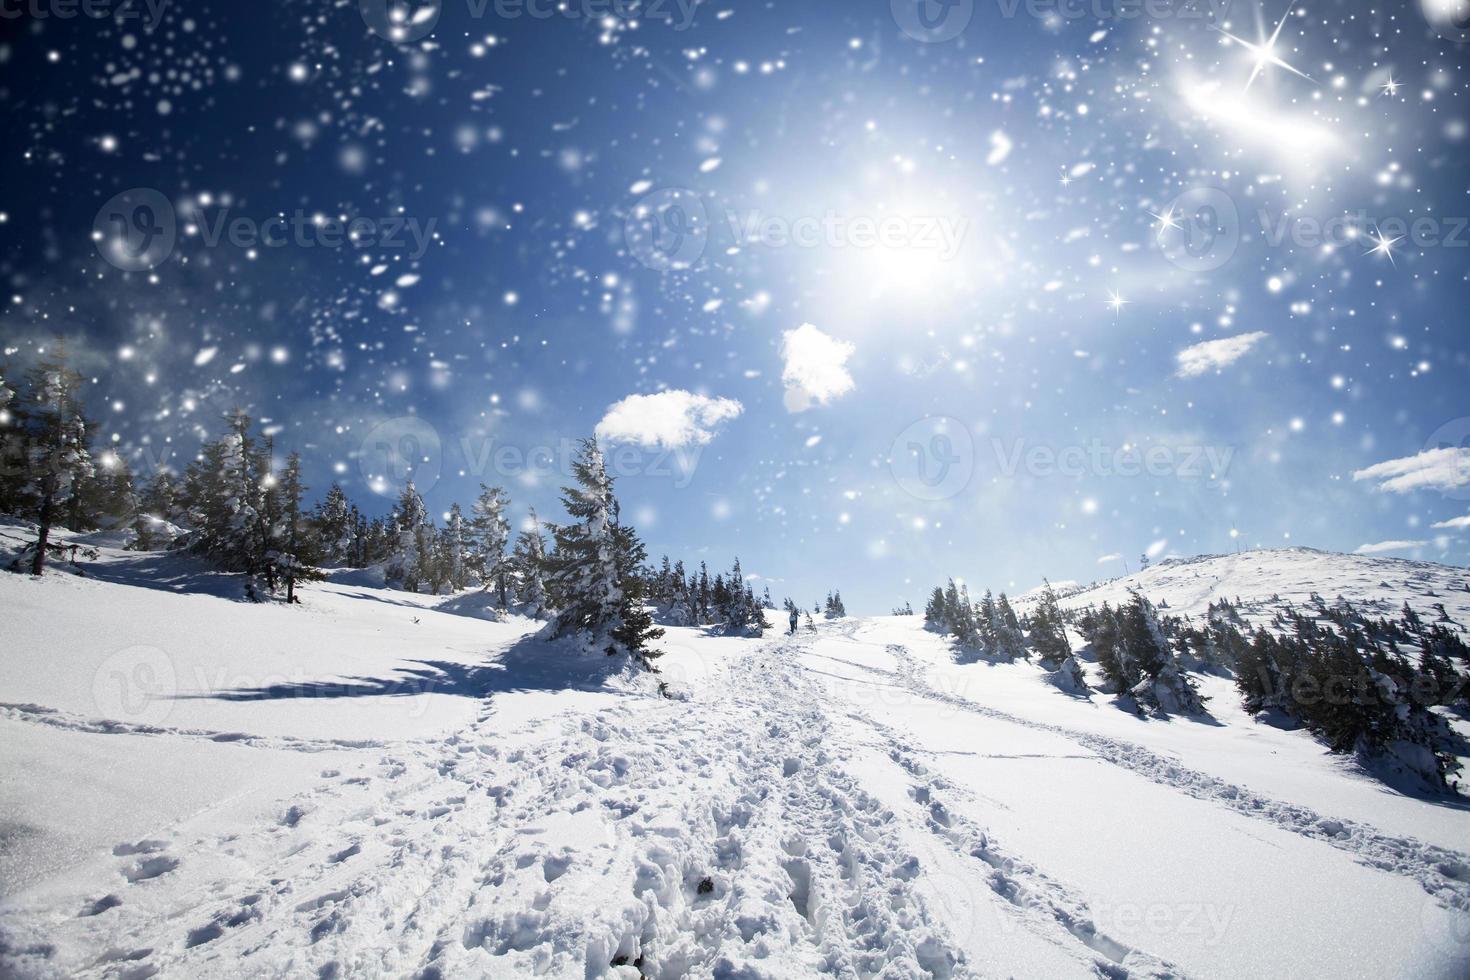 schneebedeckter Weg auf dem Hügel foto